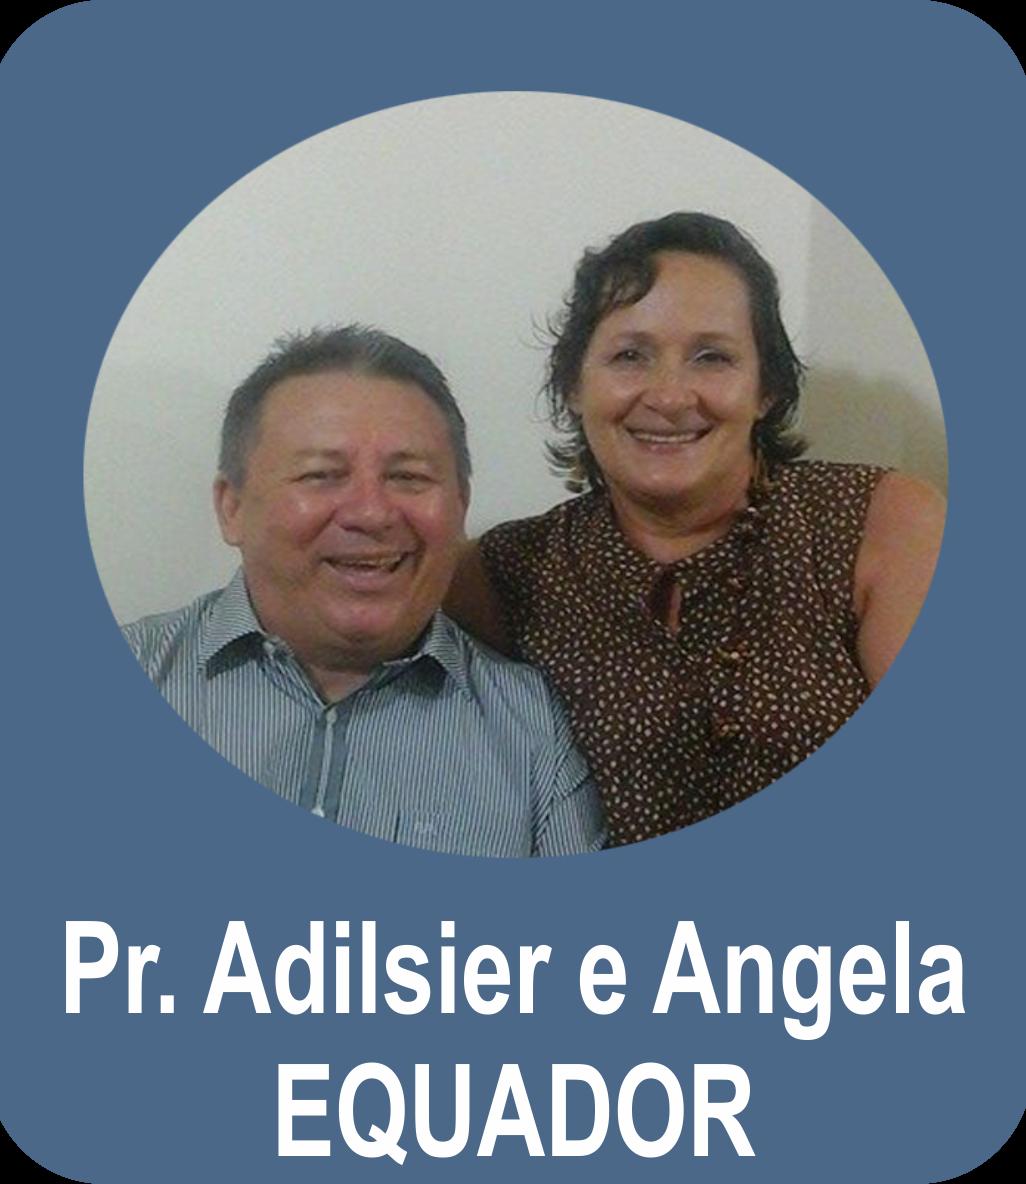 Missº. Adilsier José dos Santos Costa e Miss. Angela Regina da Costa - EQUADOR - Playas